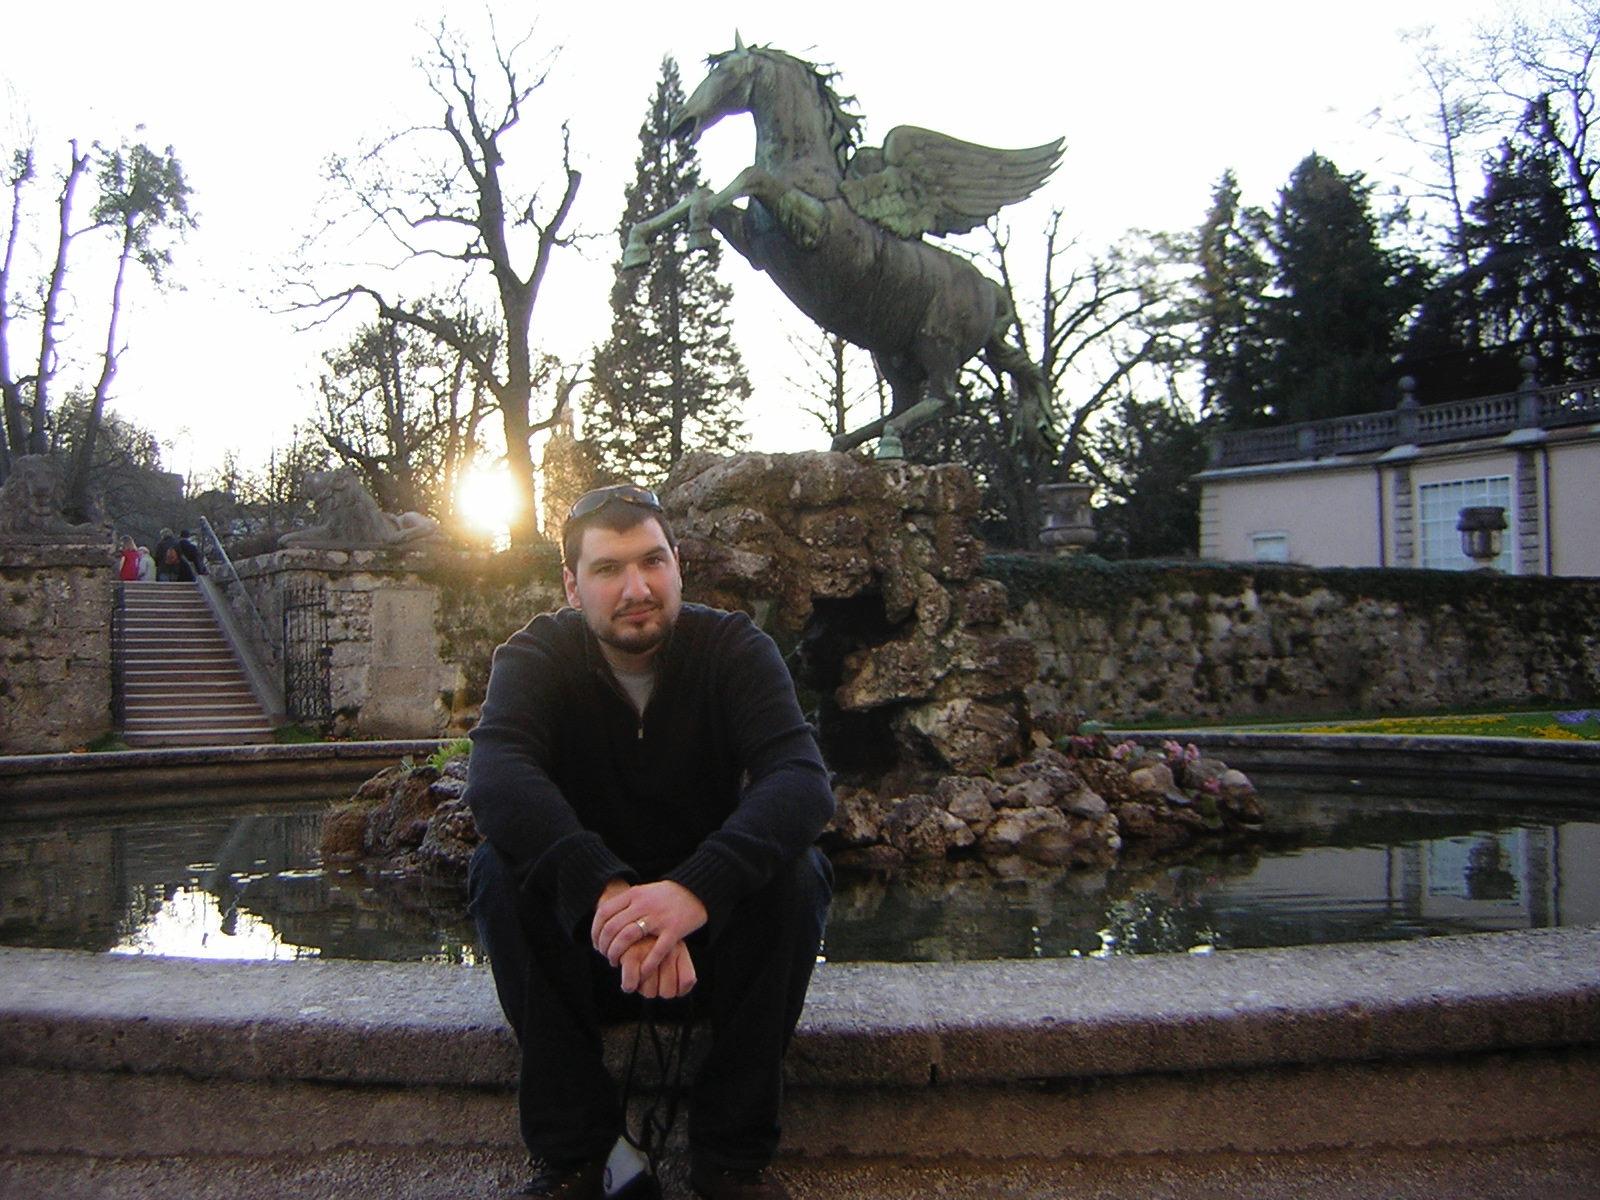 Chris Rosser in Salzburg, Austria